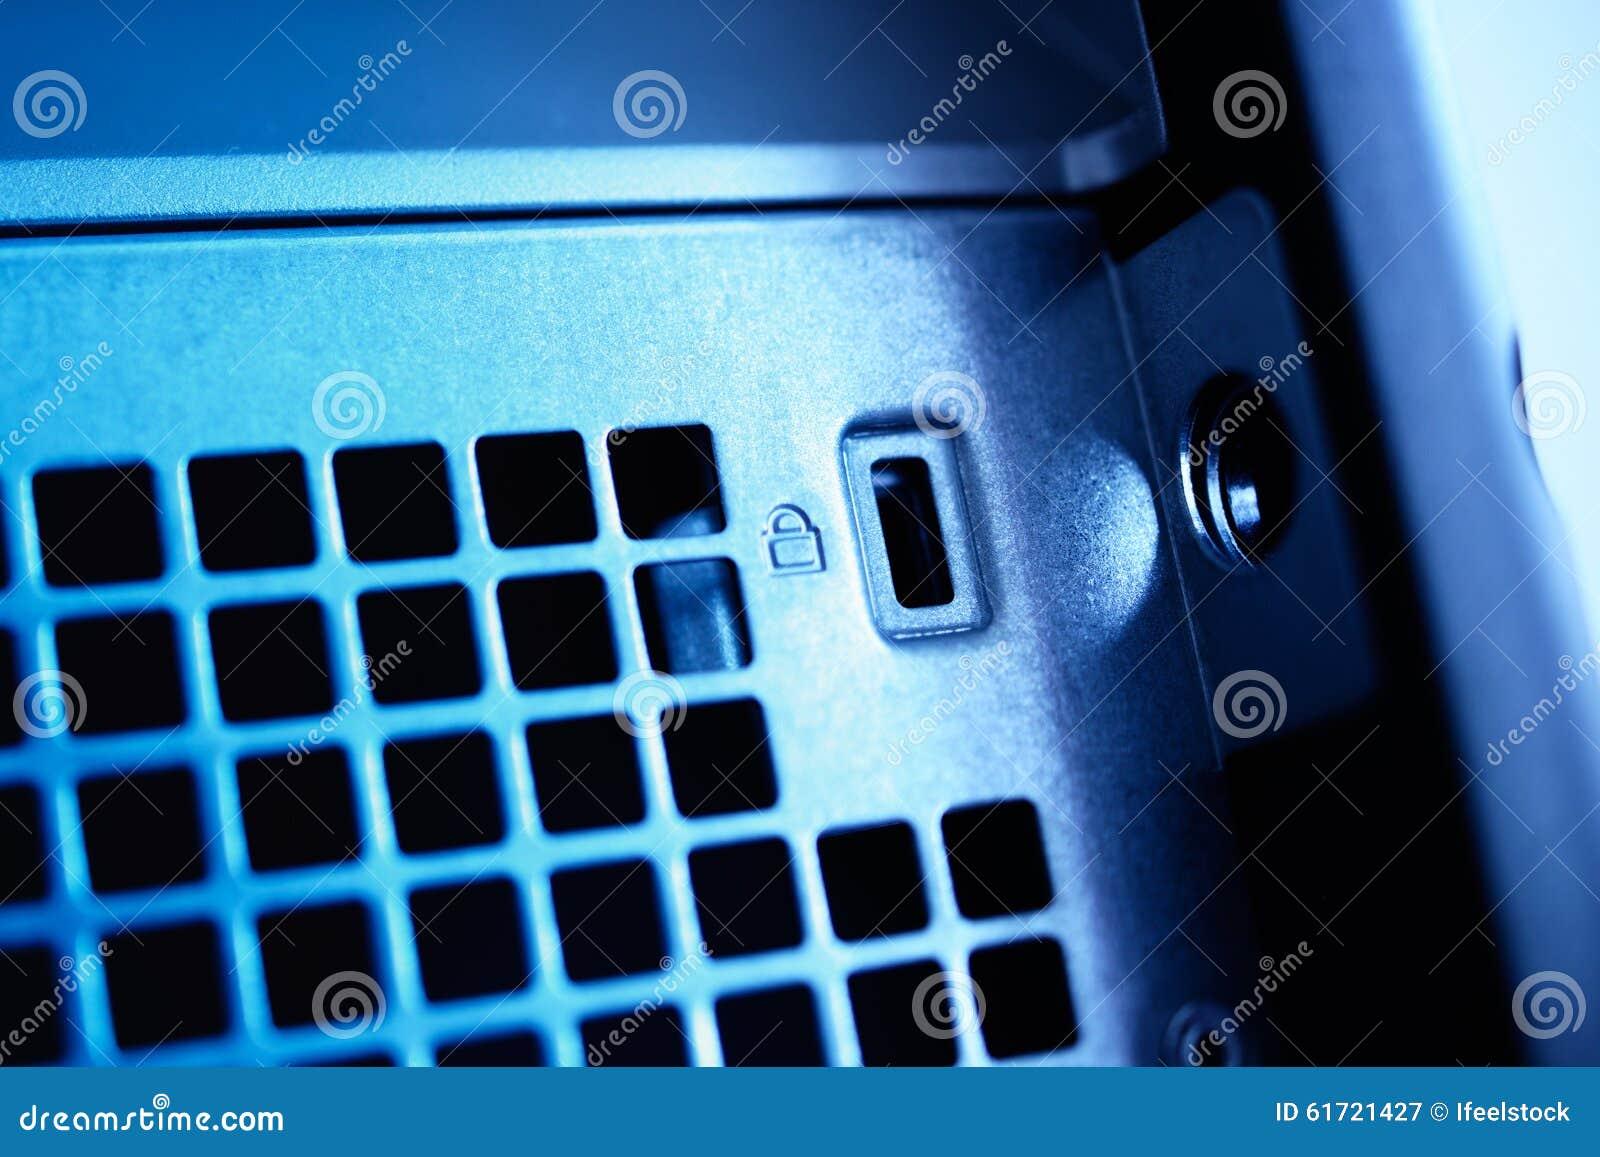 Metal computer lock on a blue server workstation